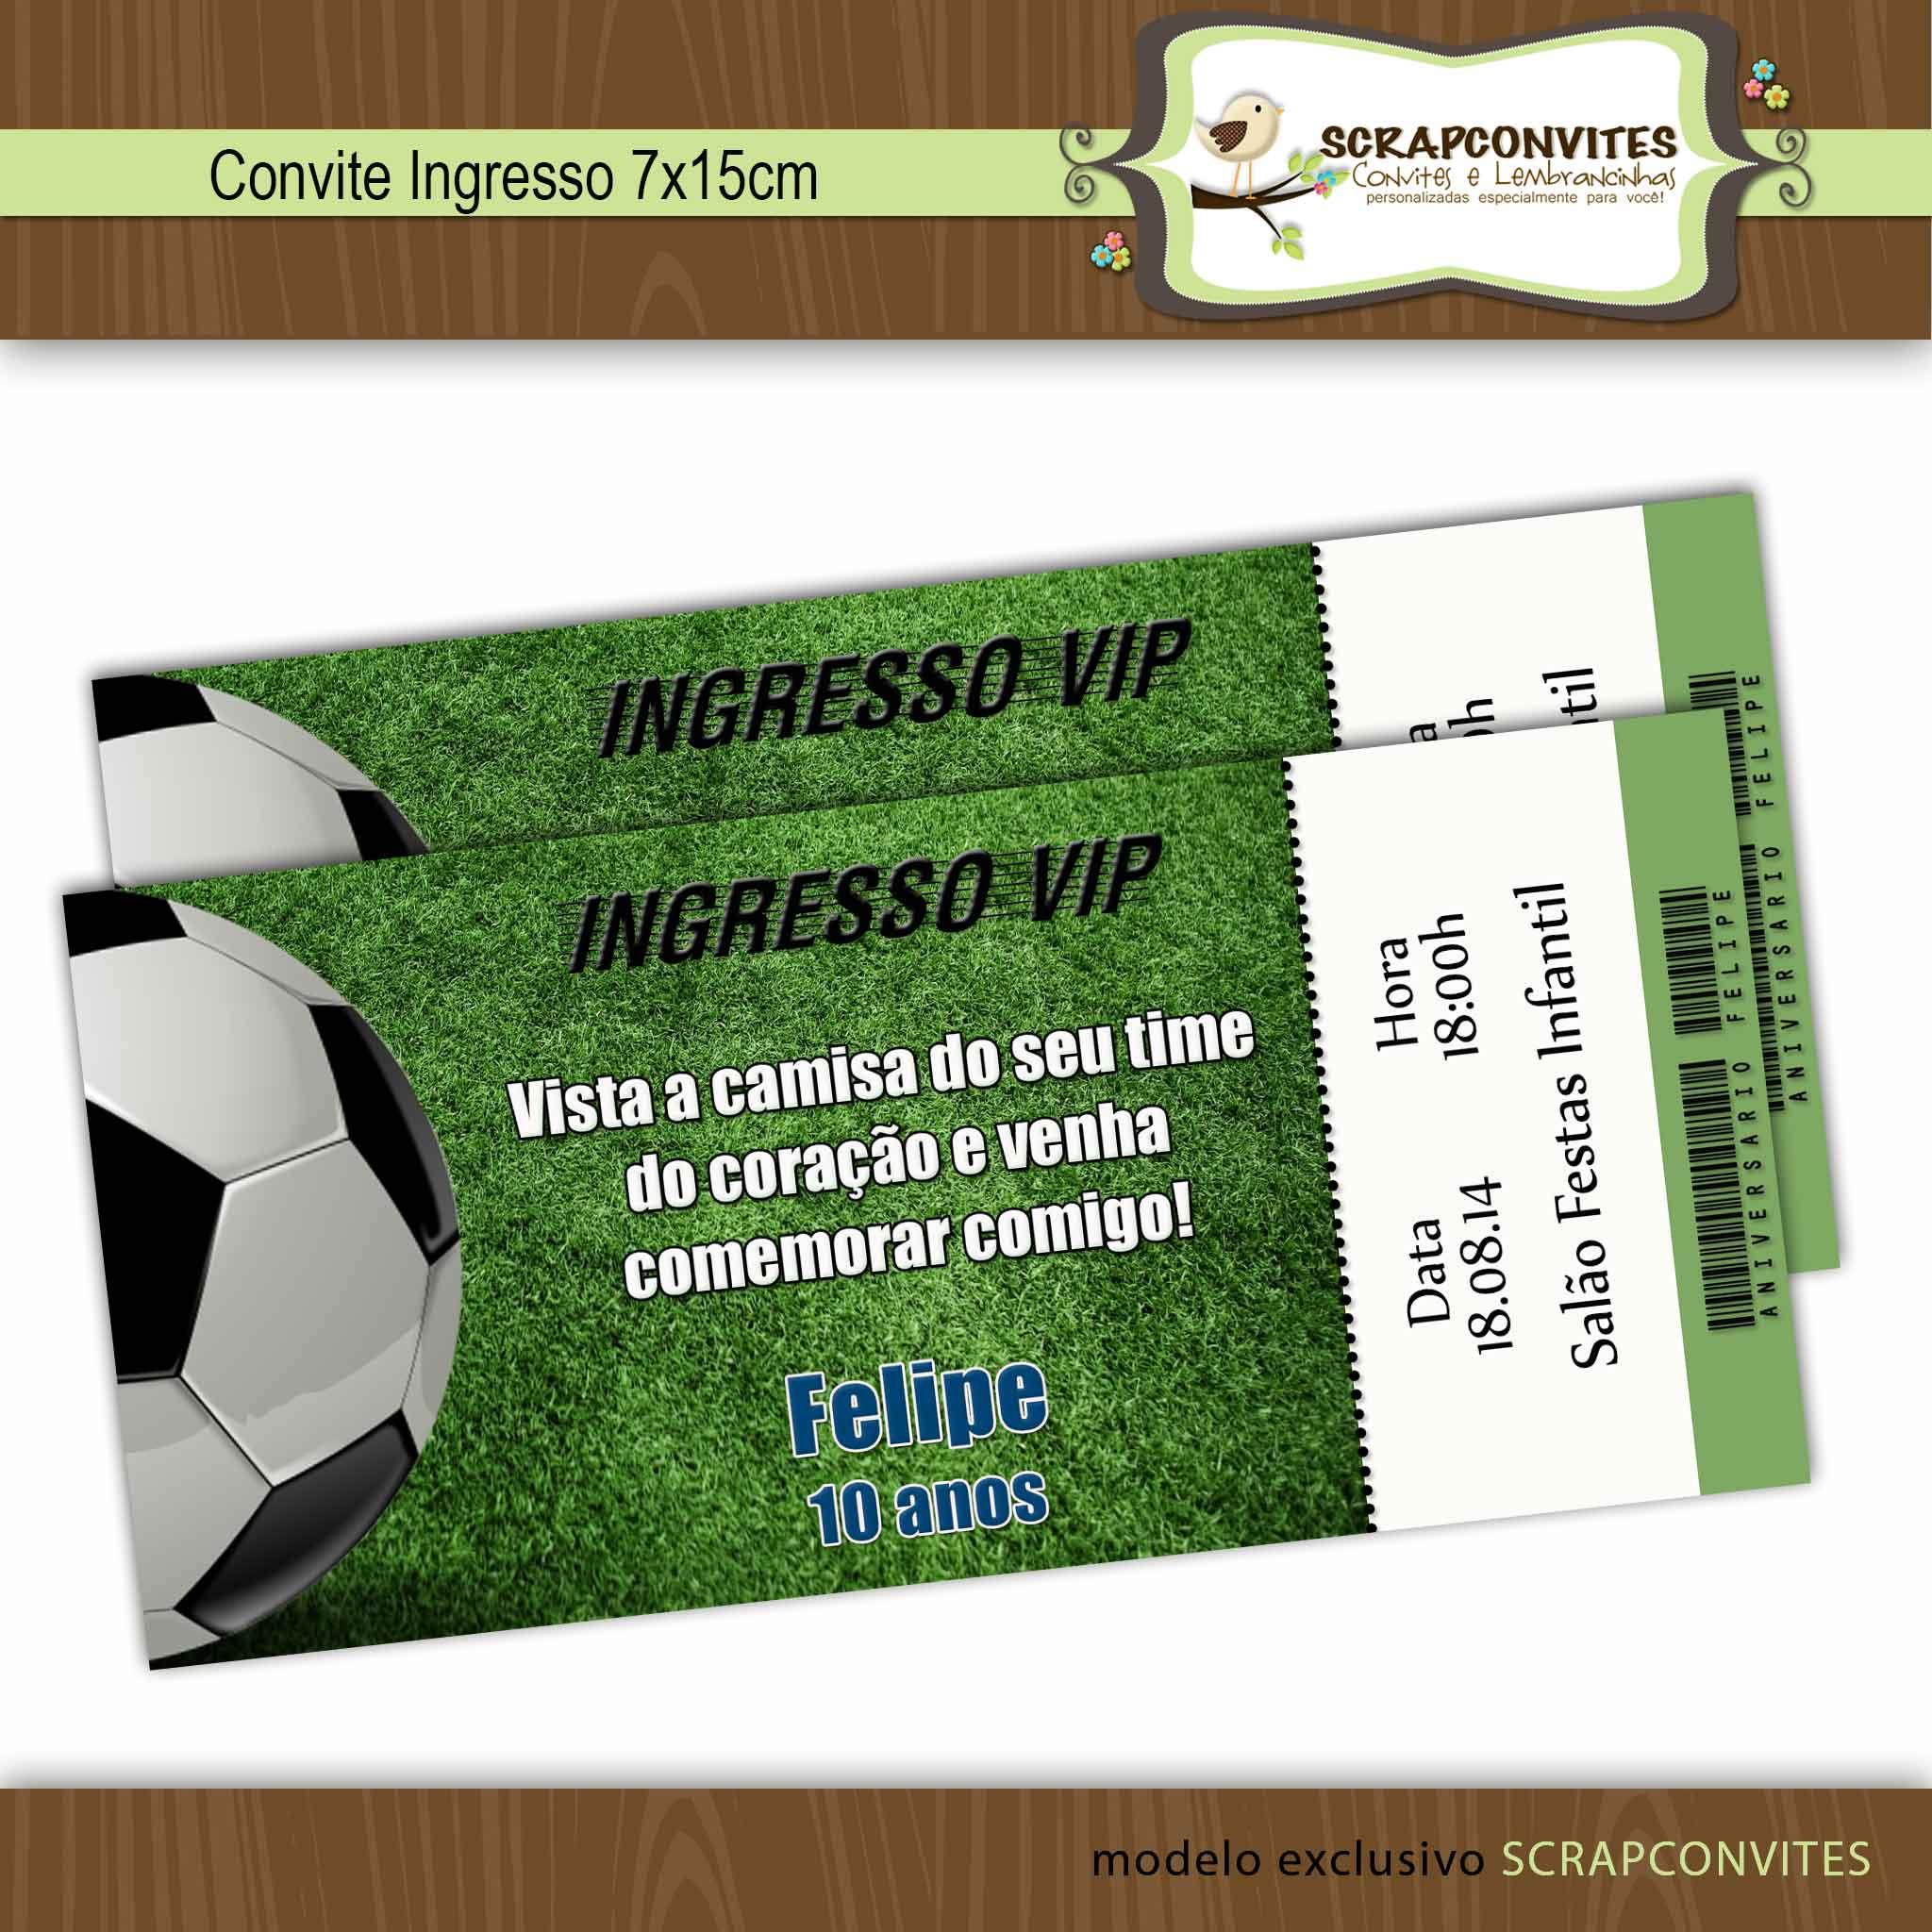 Convite Diferente Convite Festa Futebol Elo7